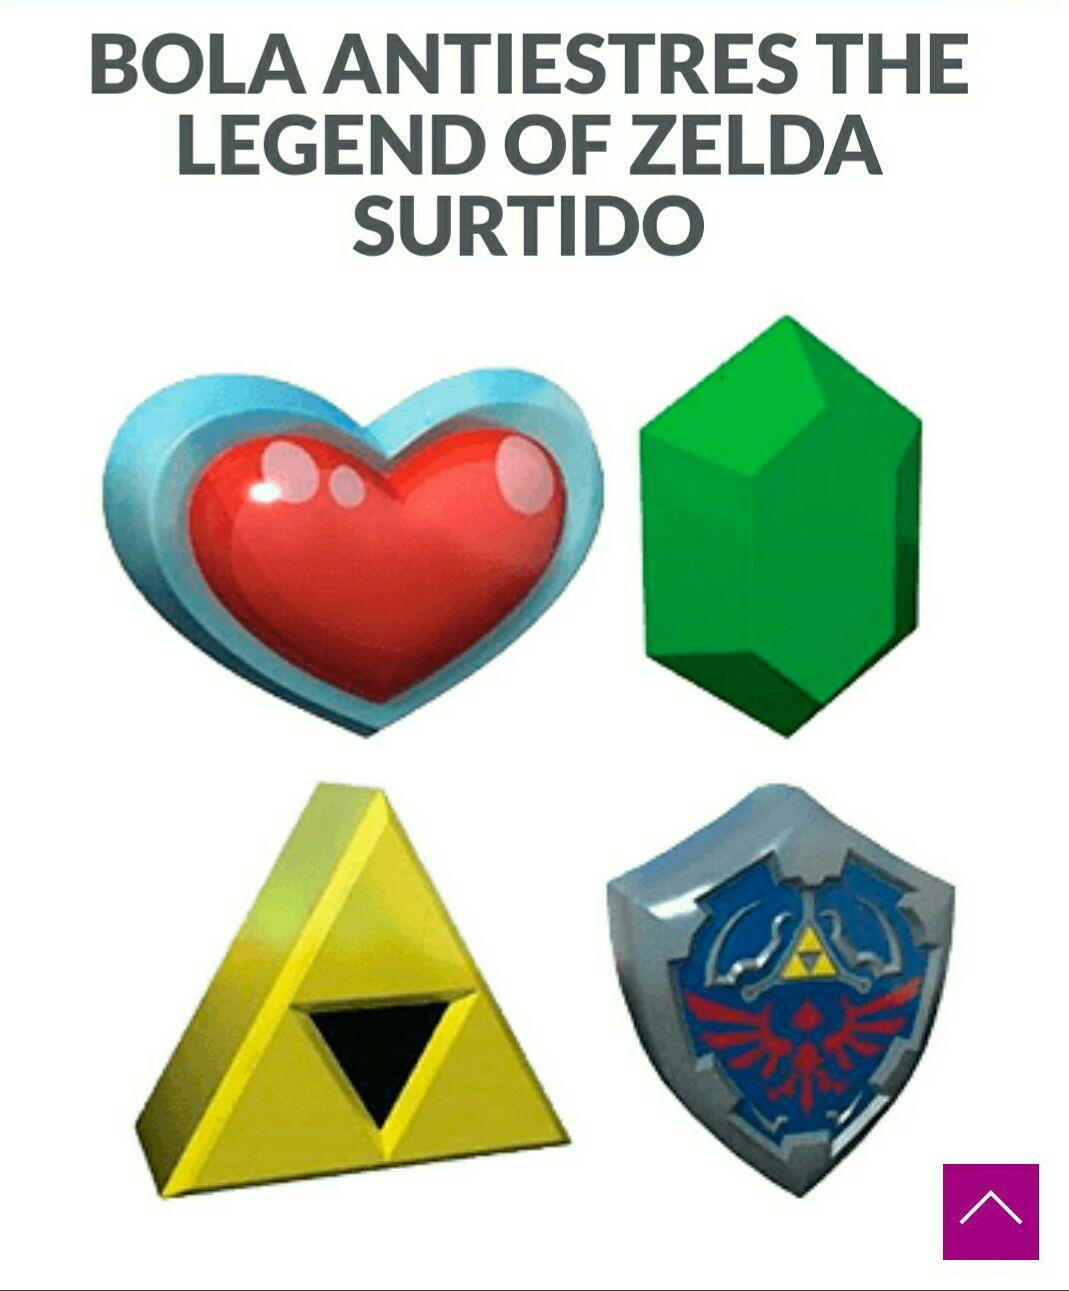 Bolas antiestres Zelda  para el ansia de renos